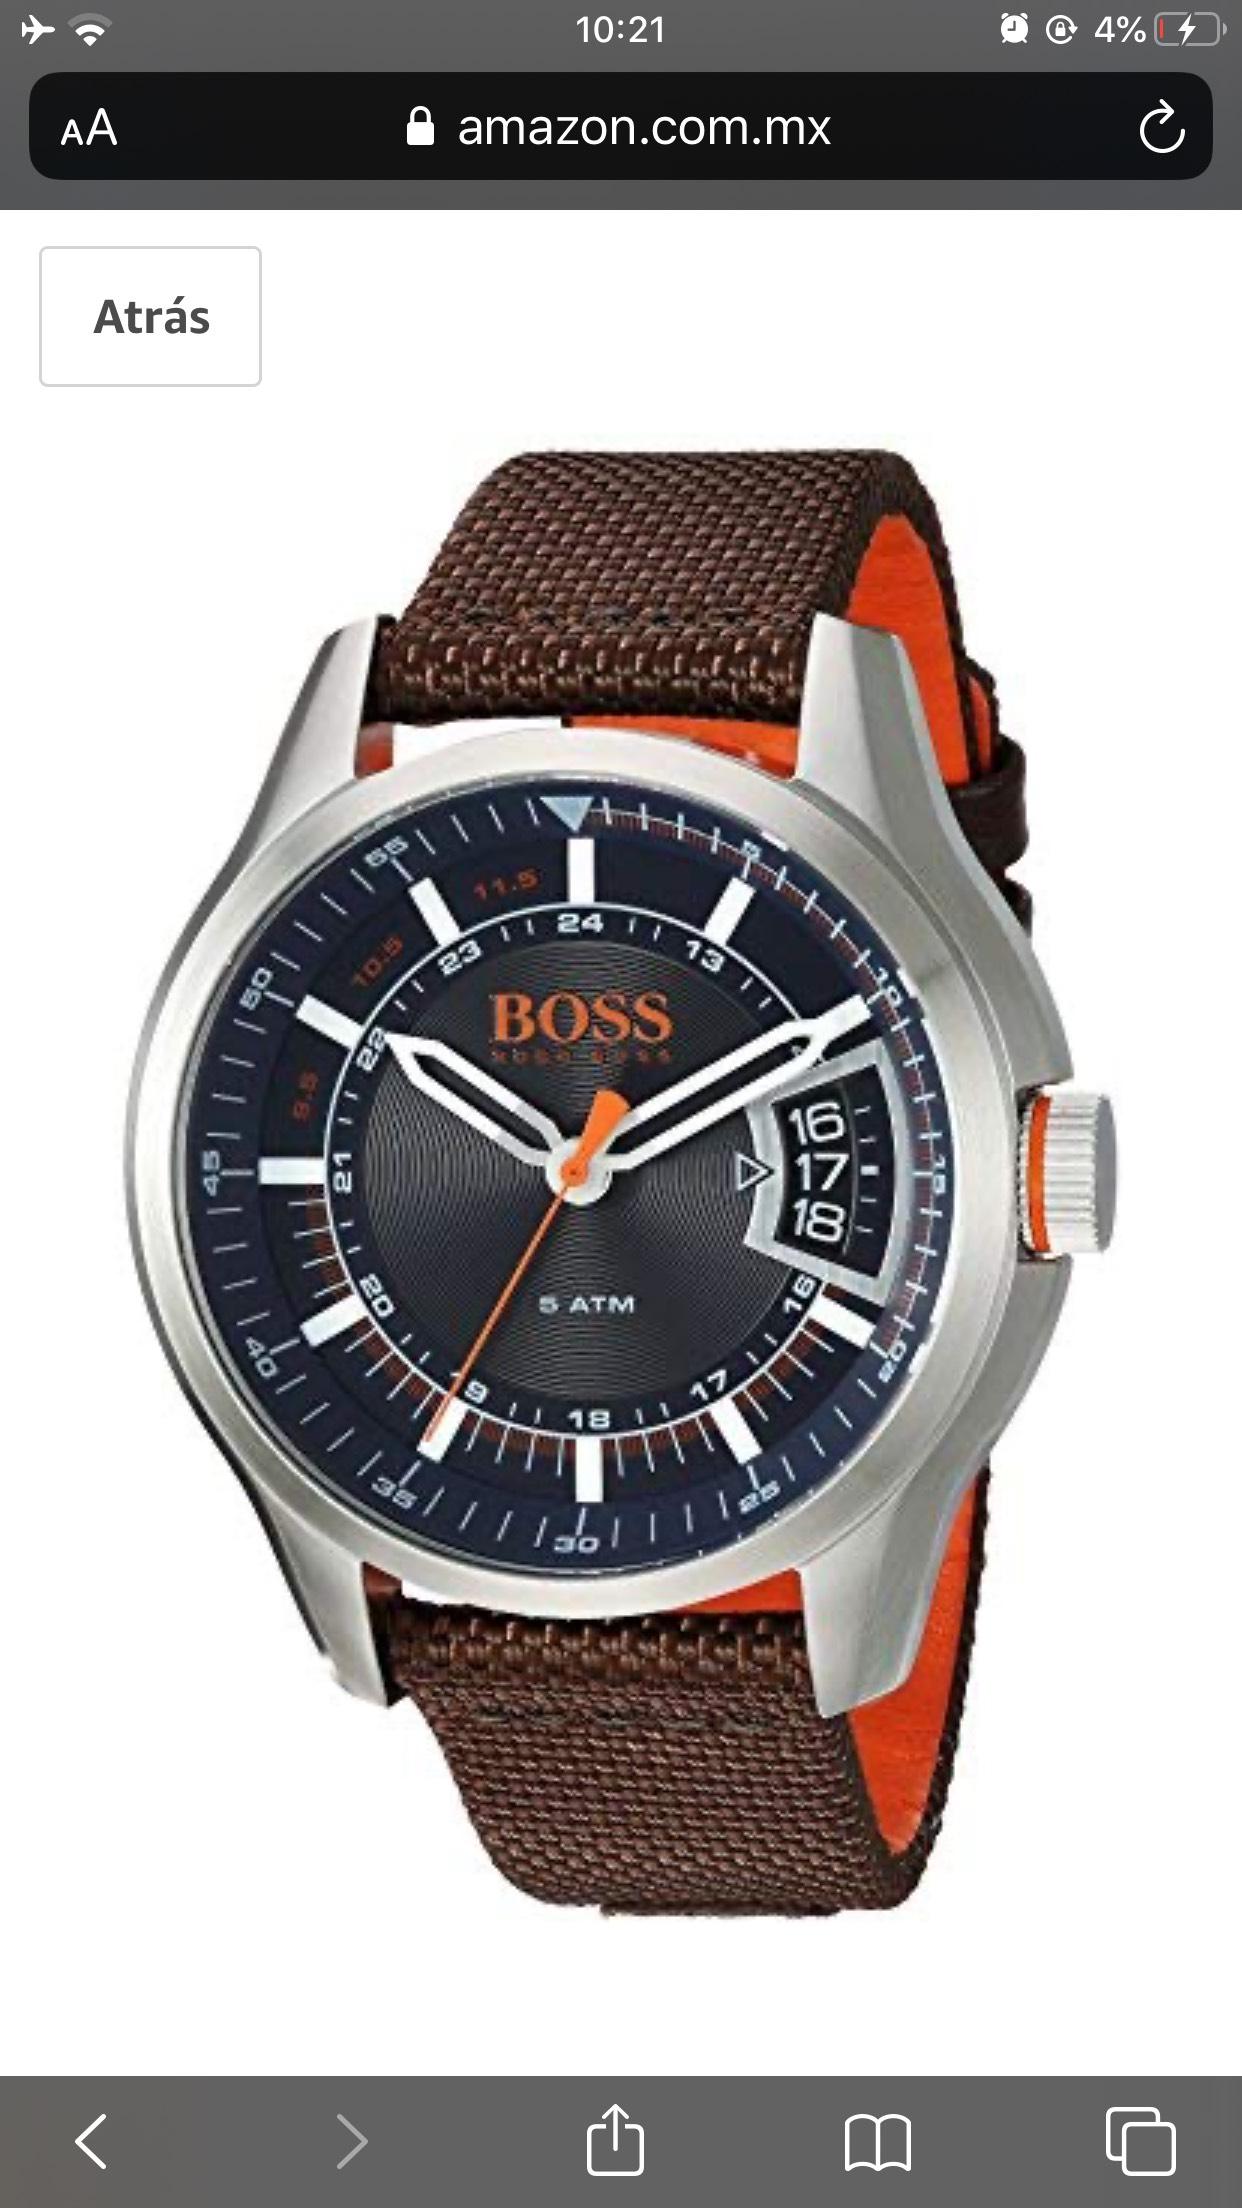 Amazon: Reloj Hugo Boss en sus precios más bajos según keepa